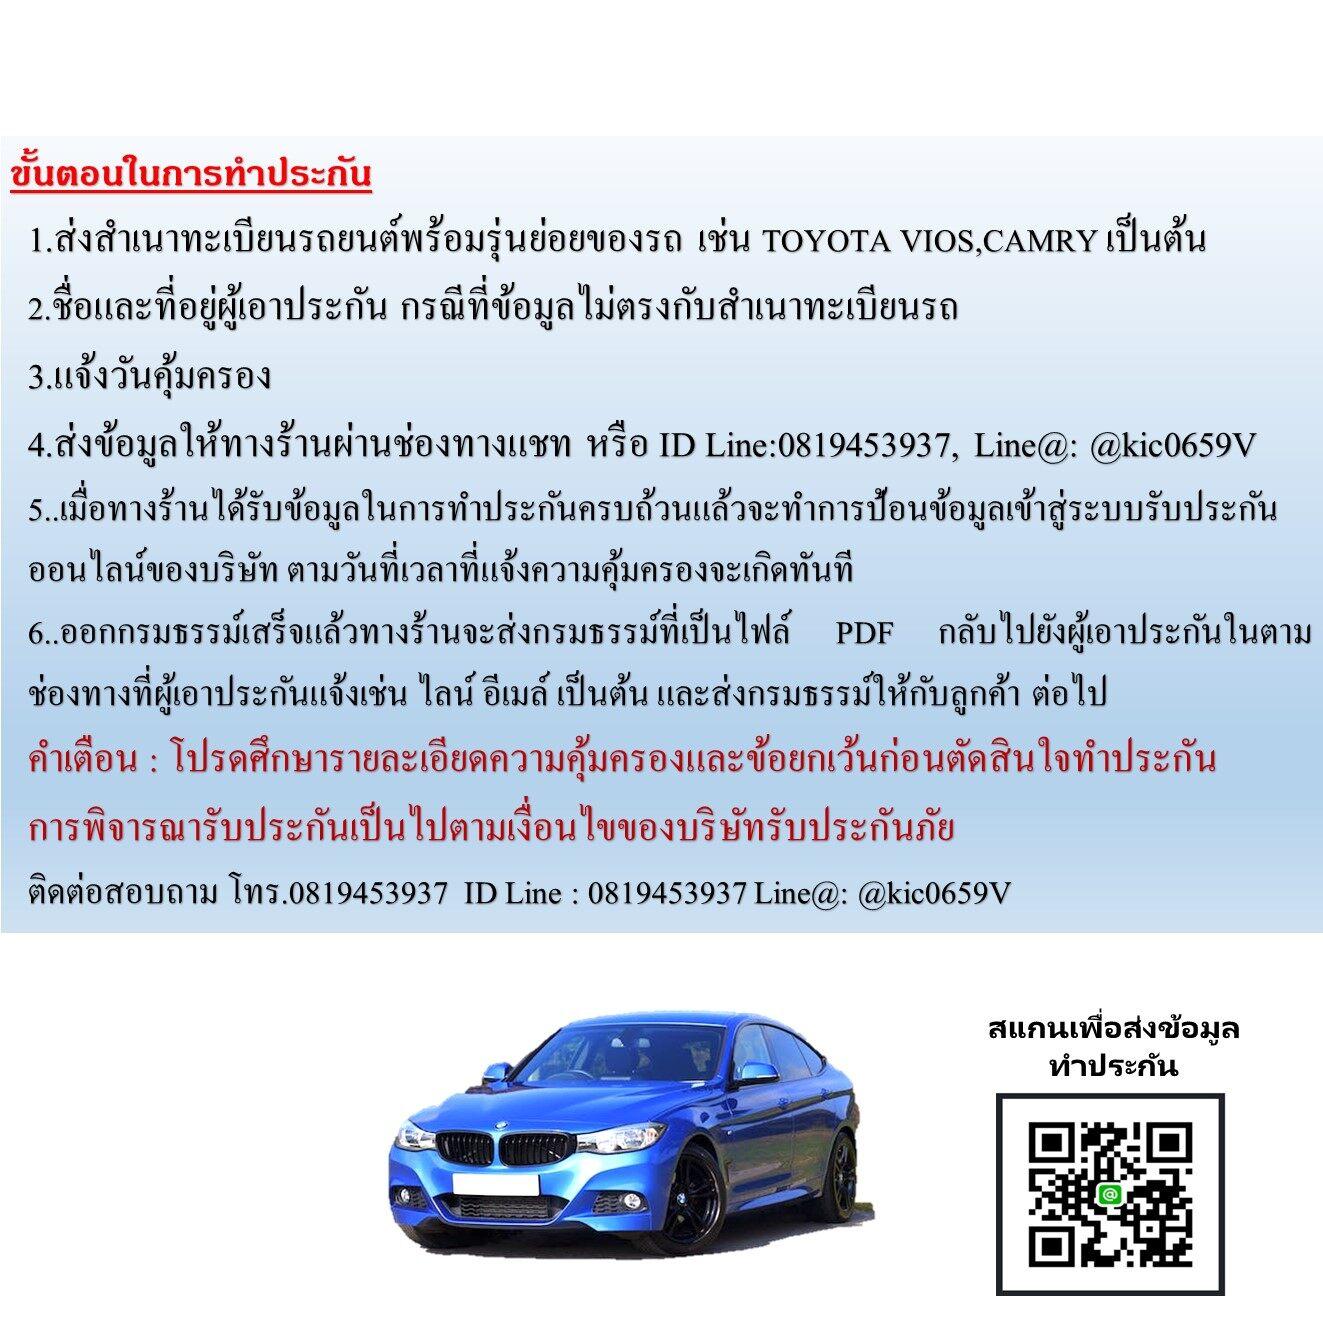 รีวิว ประกันรถยนต์ 2+ ไทยพัฒน์ COMBO PLUS (เก๋ง,กระบะ) ซ่อมรถประกัน สูญหายไฟไหม้ 50,000.-รถชนรถ รถเสีย/รถยก ไม่มีค่าเสียหายส่วนแรก บริการช่วยเหลือฉุกเ